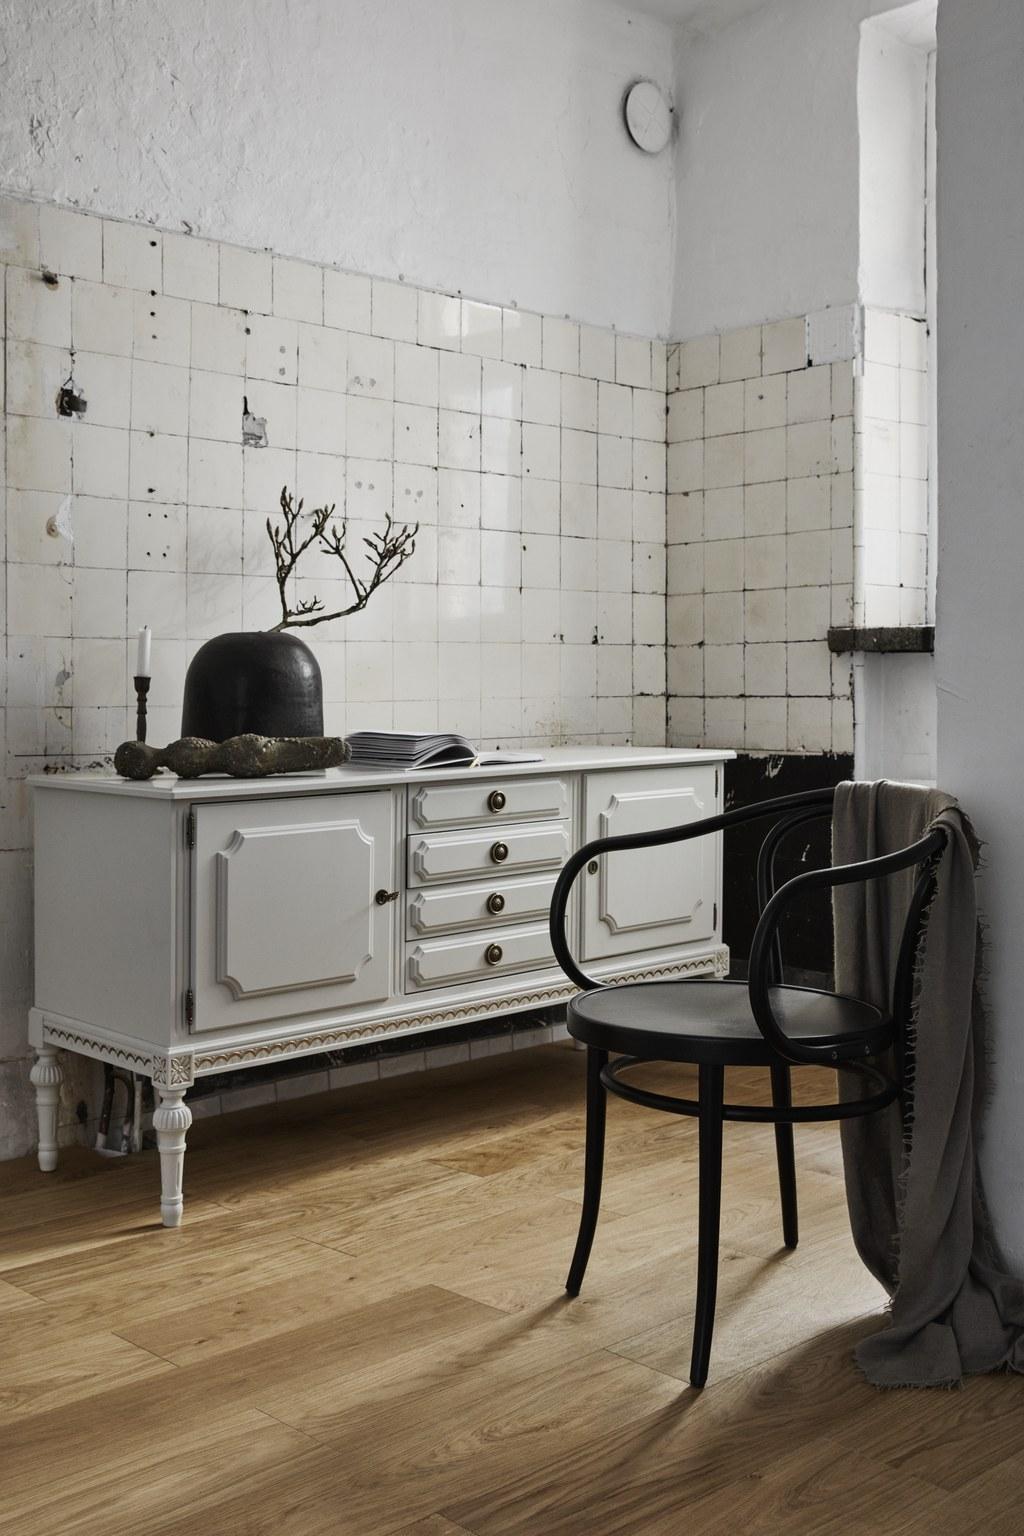 Timberwise Tammi Oak Tile Pattern 185x925mm Harjattu Brush Oljyvahattu Waxoil Pysty